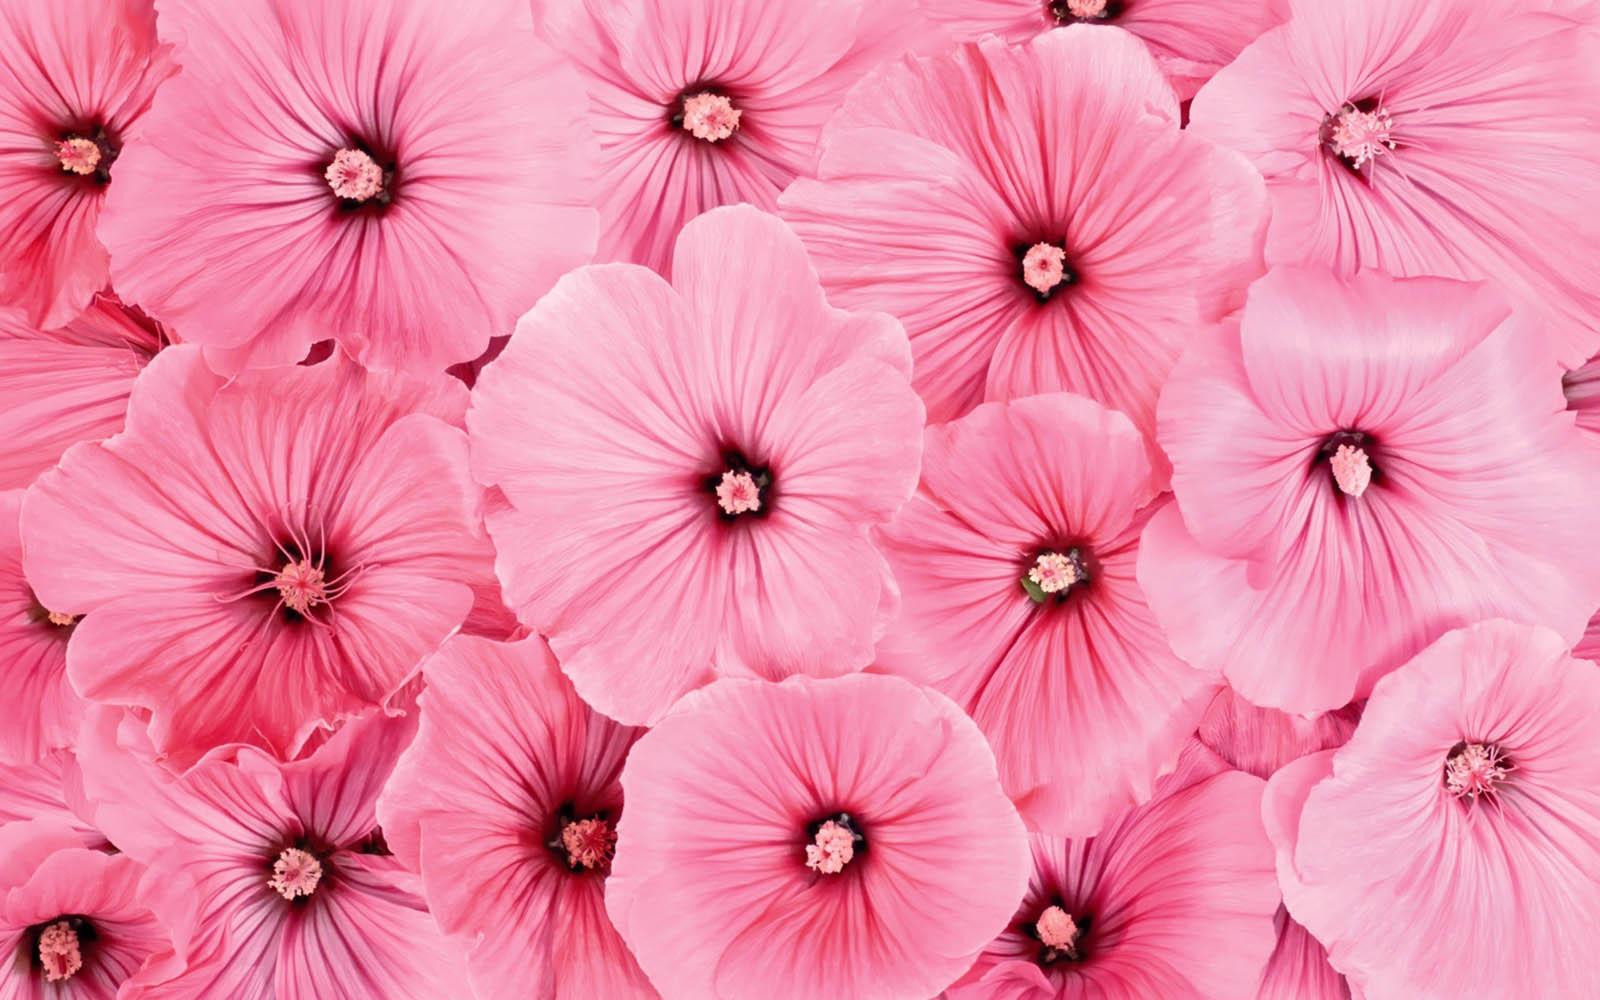 Pink Flowers Wallpapers For Desktop Wallpapersafari